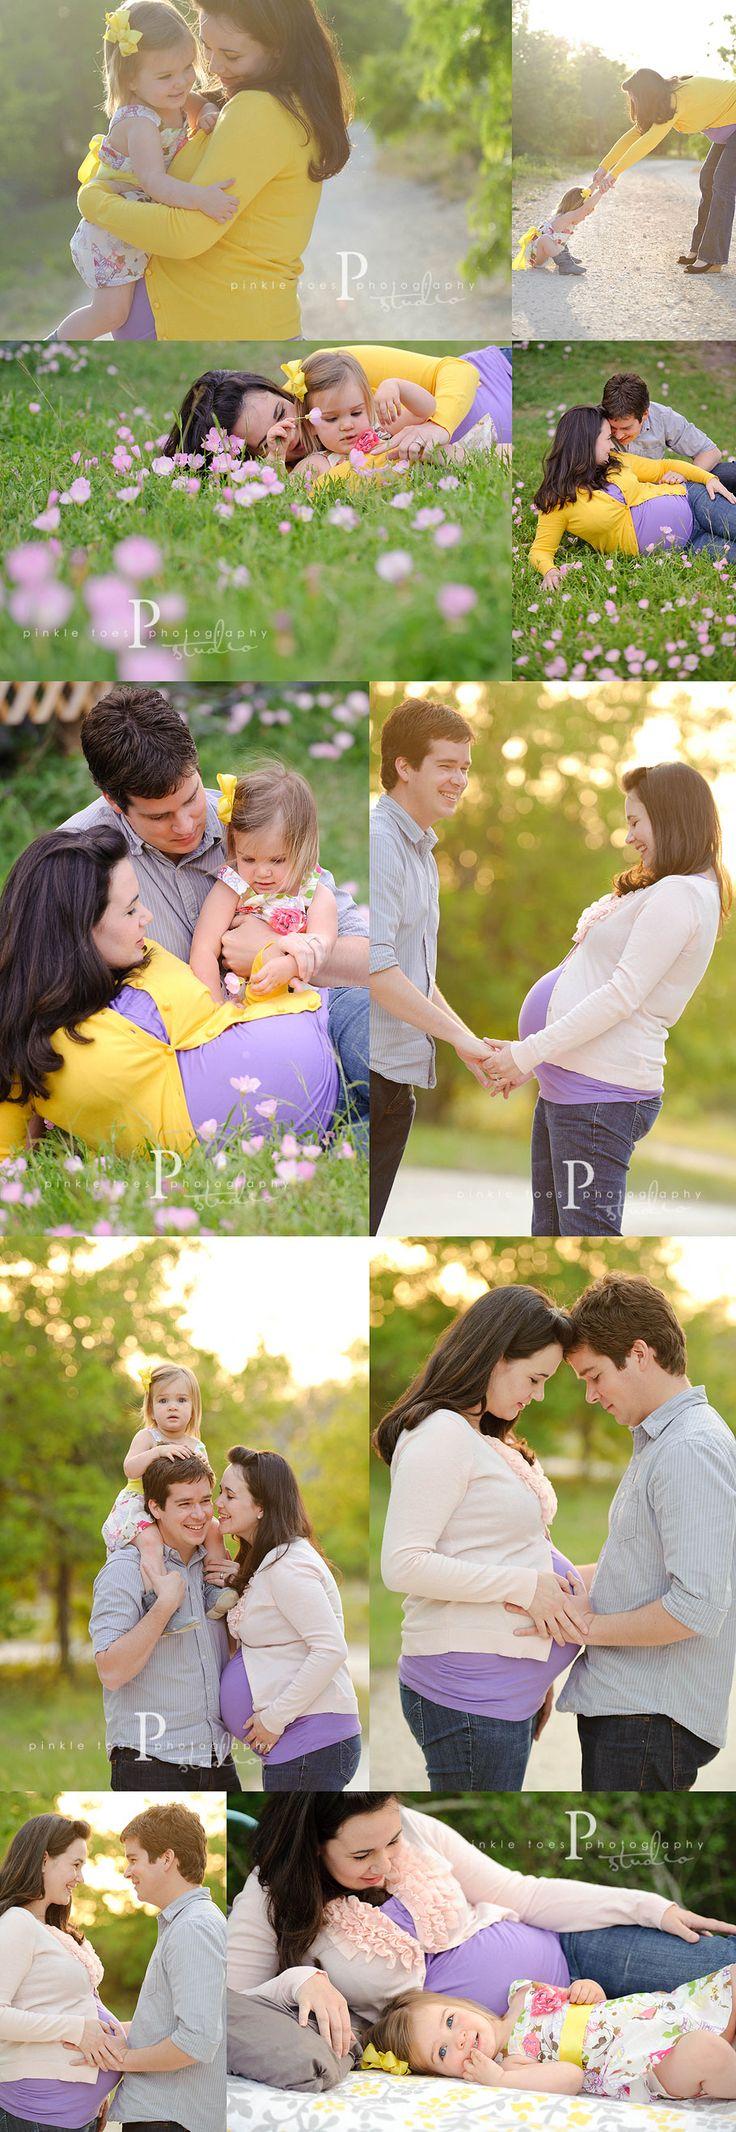 family maternity photos ideas